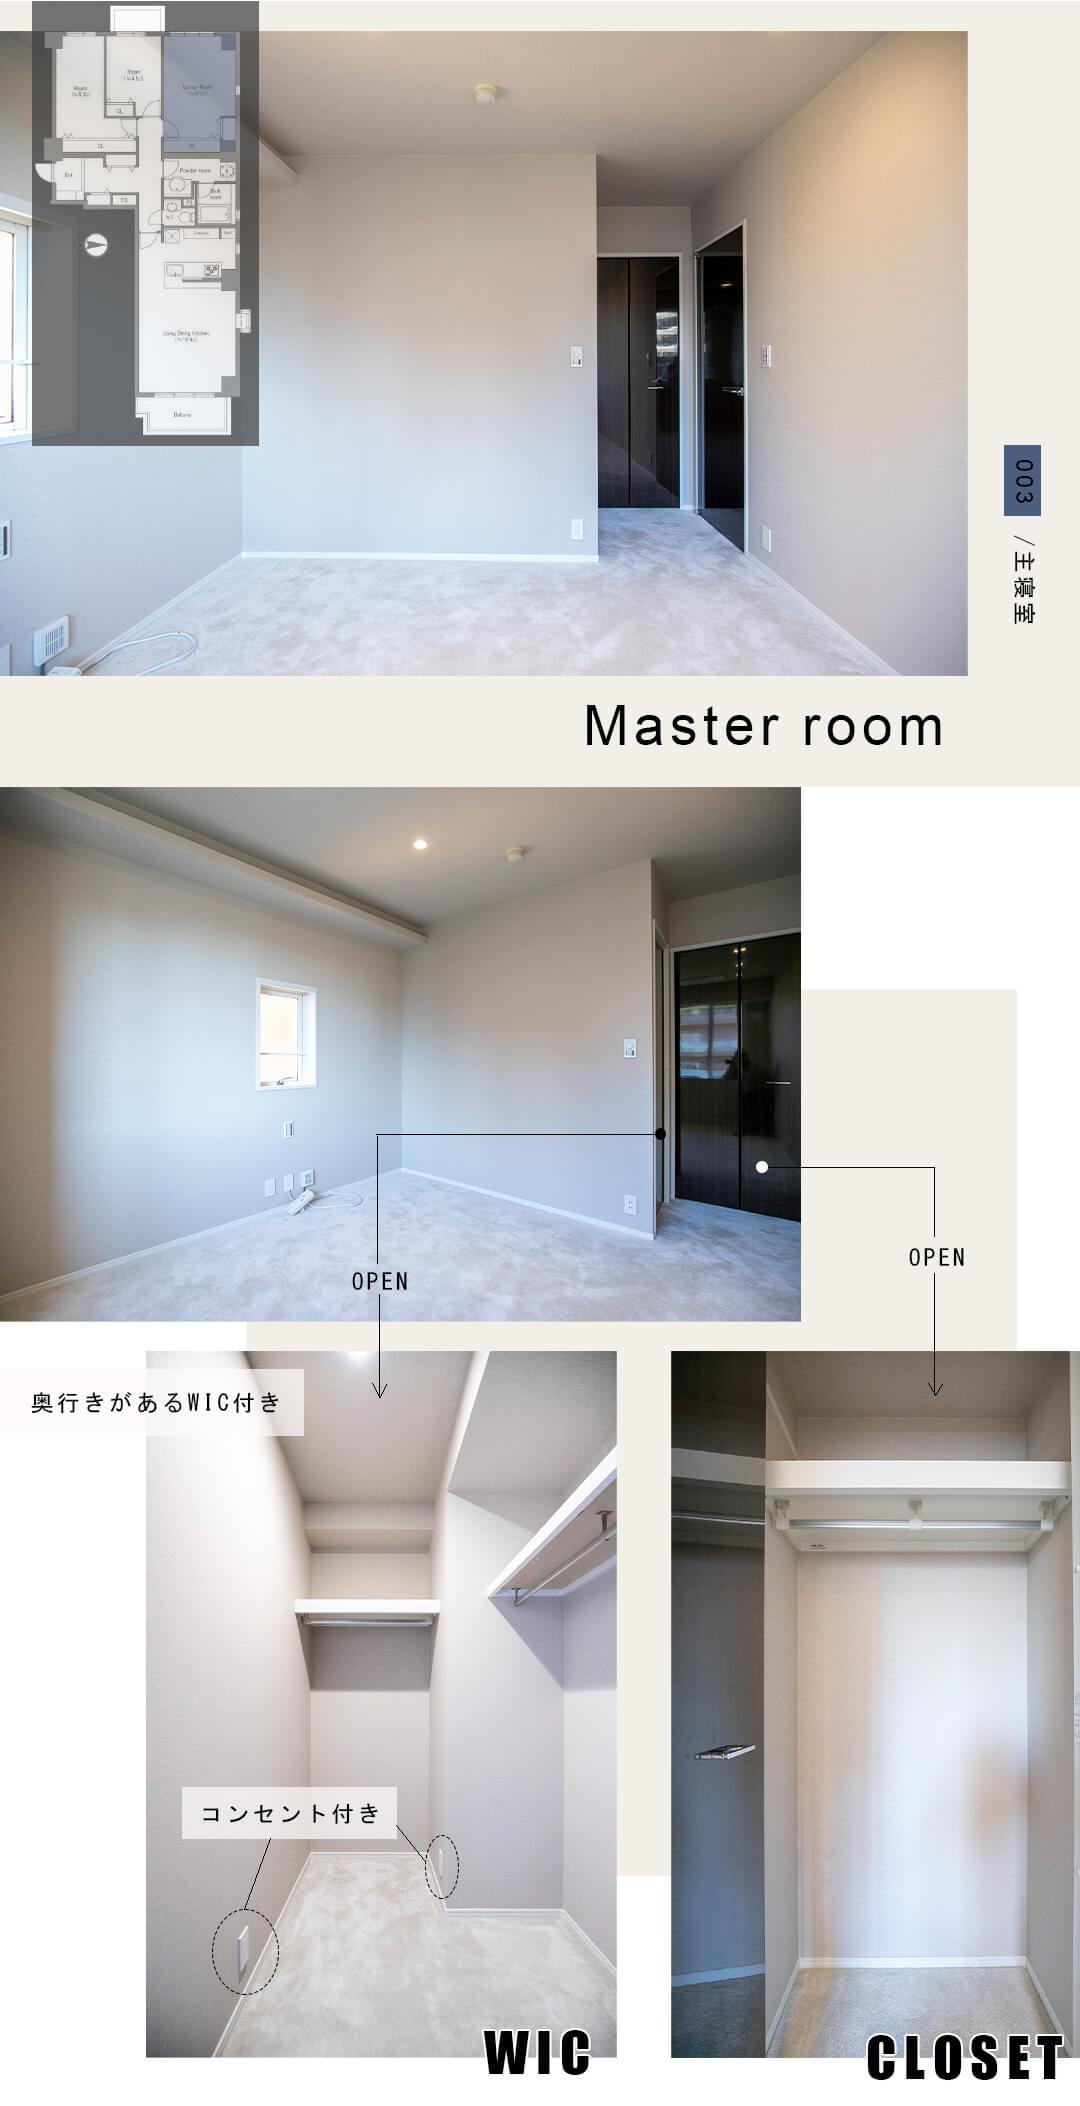 003主寝室,Masterroom